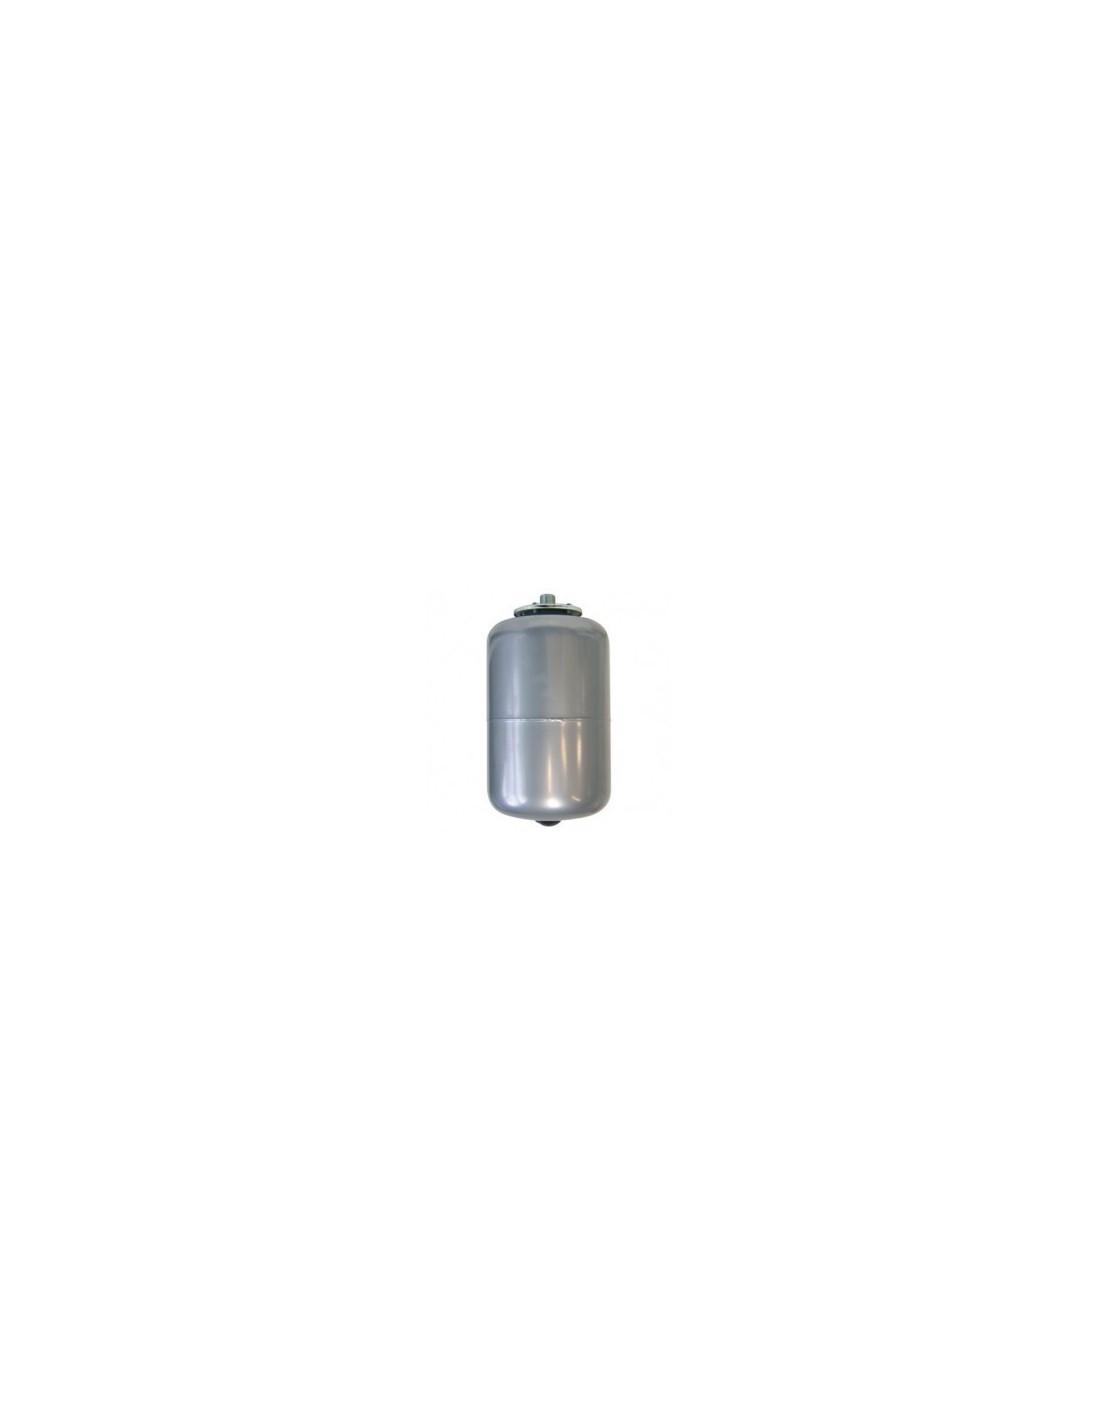 vase d 39 expansion pour eau chaude sanitaire a vessie capacit 24 litres pour chauffe eau 300 litres. Black Bedroom Furniture Sets. Home Design Ideas